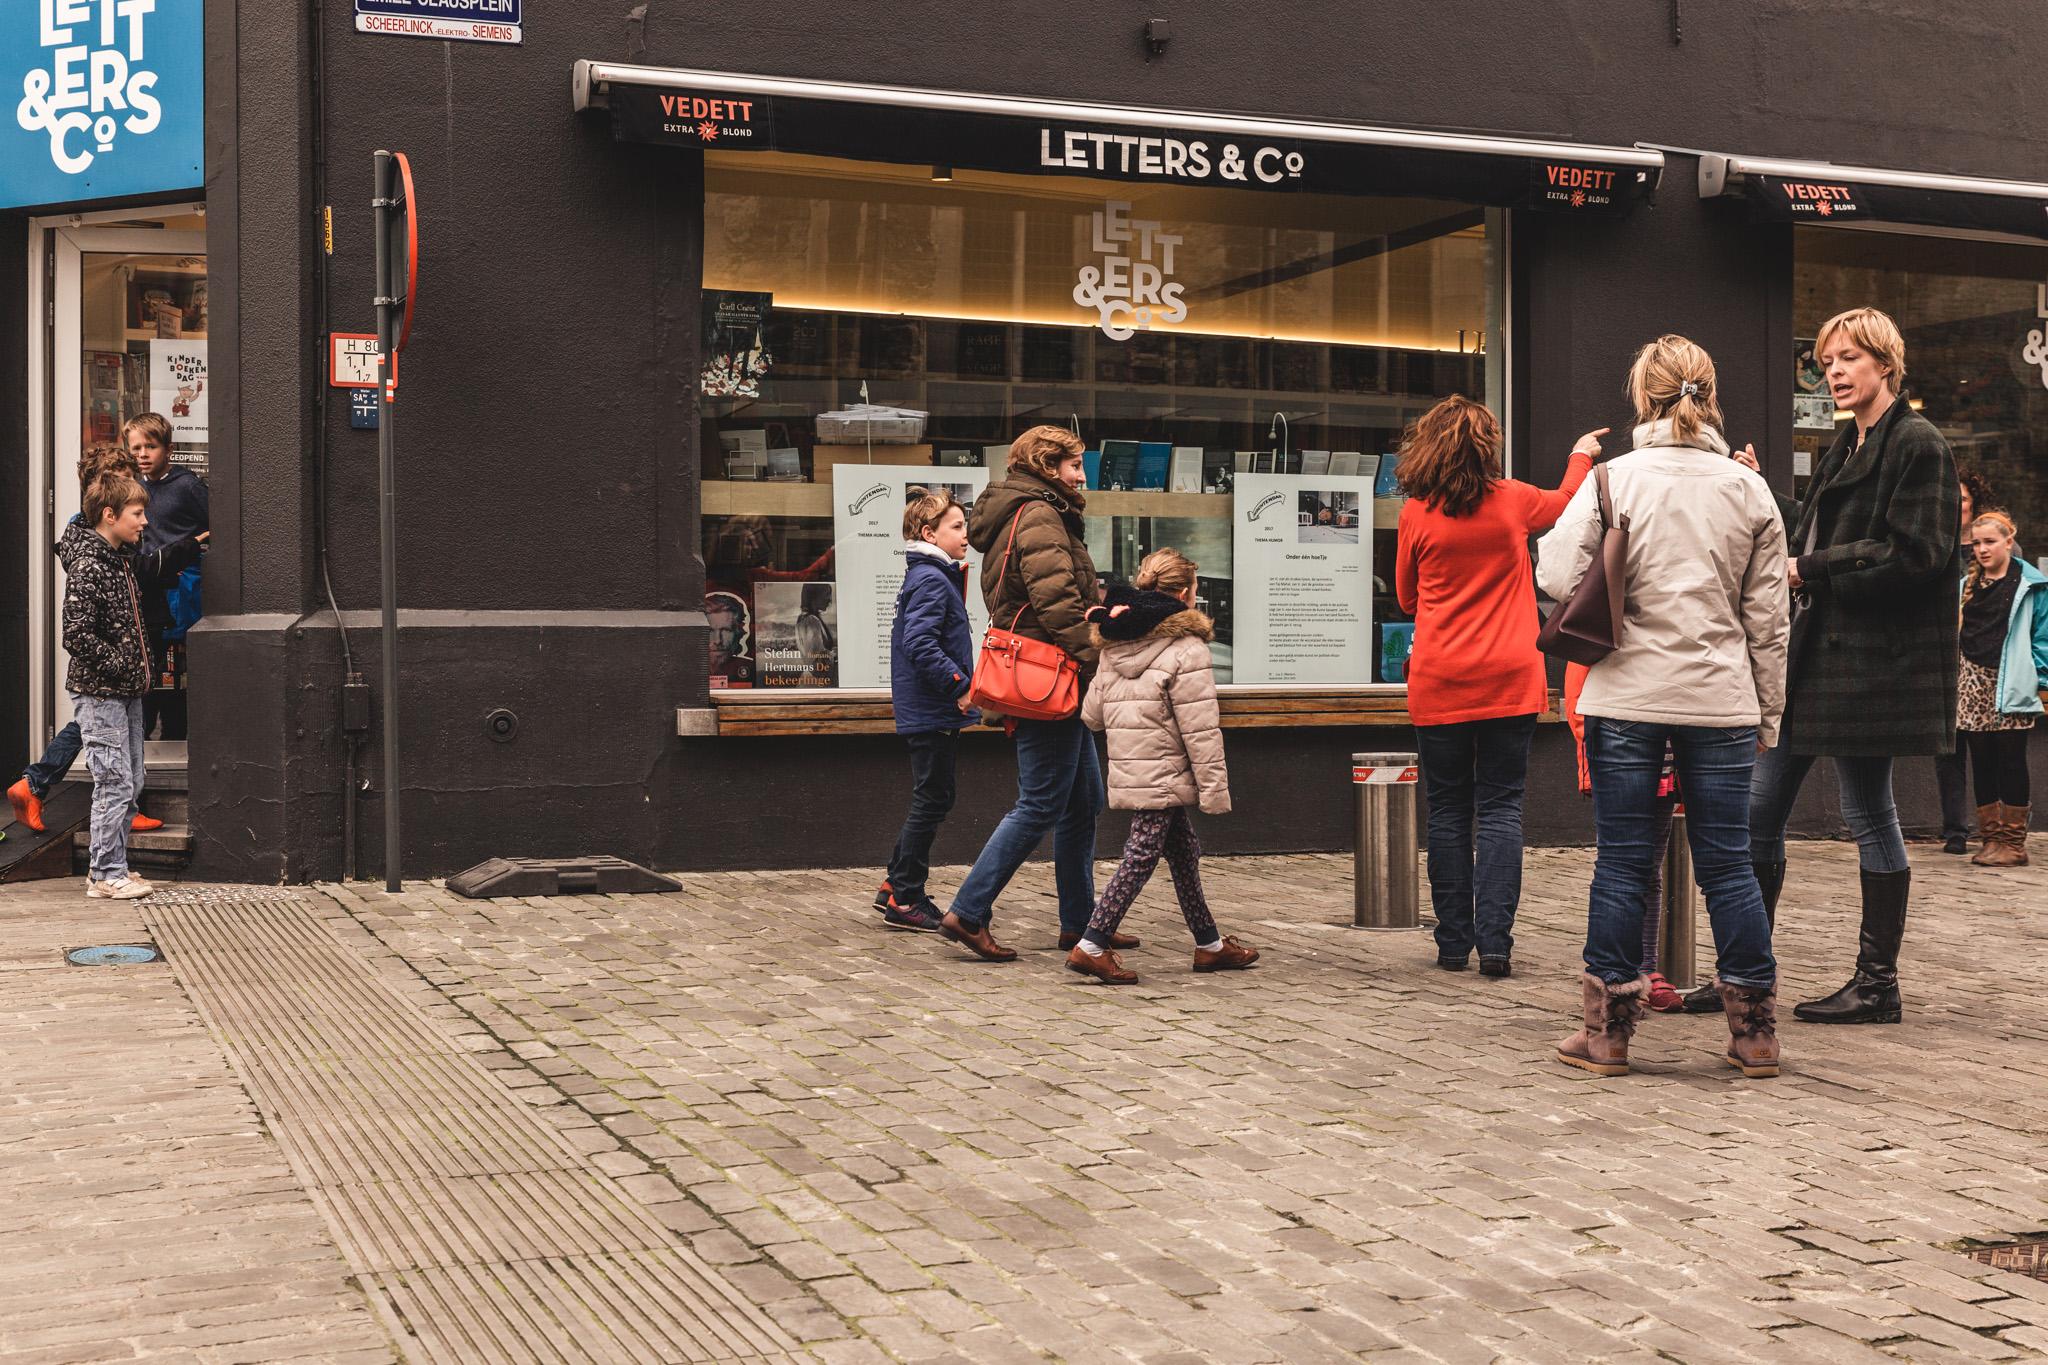 Boekhandel Letters & Co